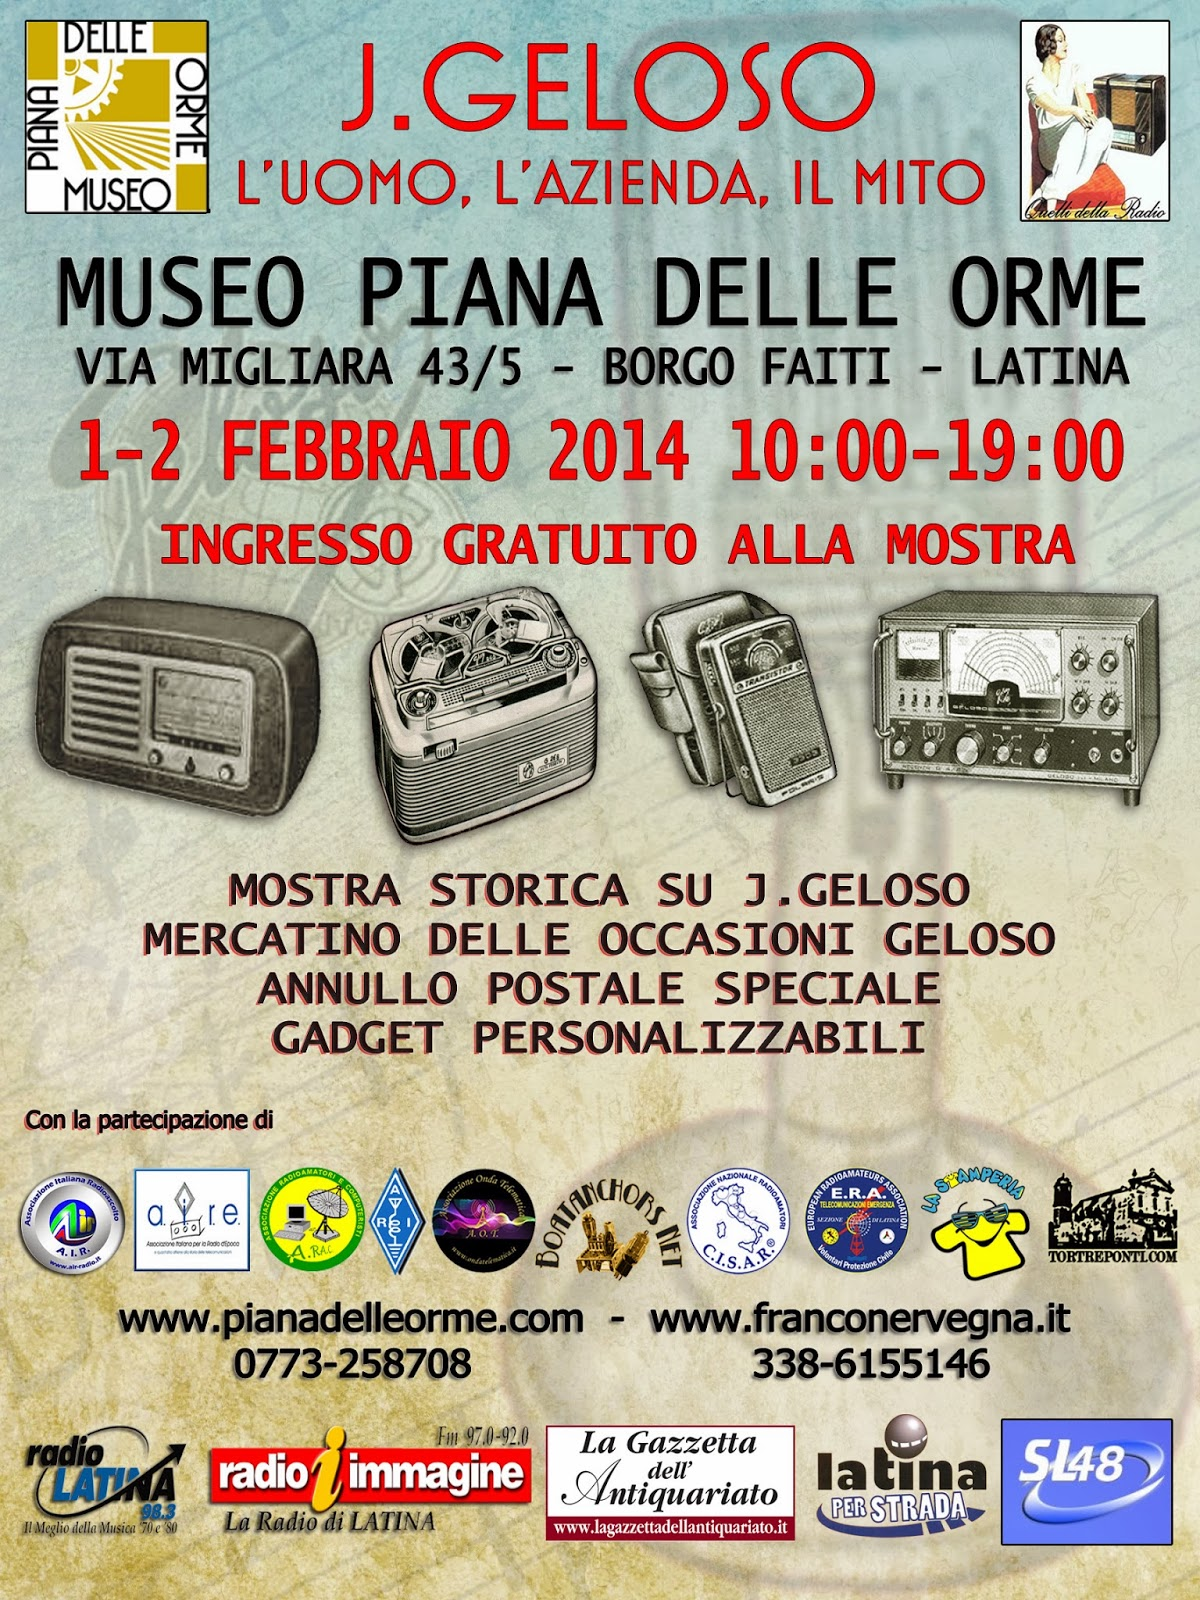 Žiarlivý – Historická výstava v Borgo Faiti (LT)